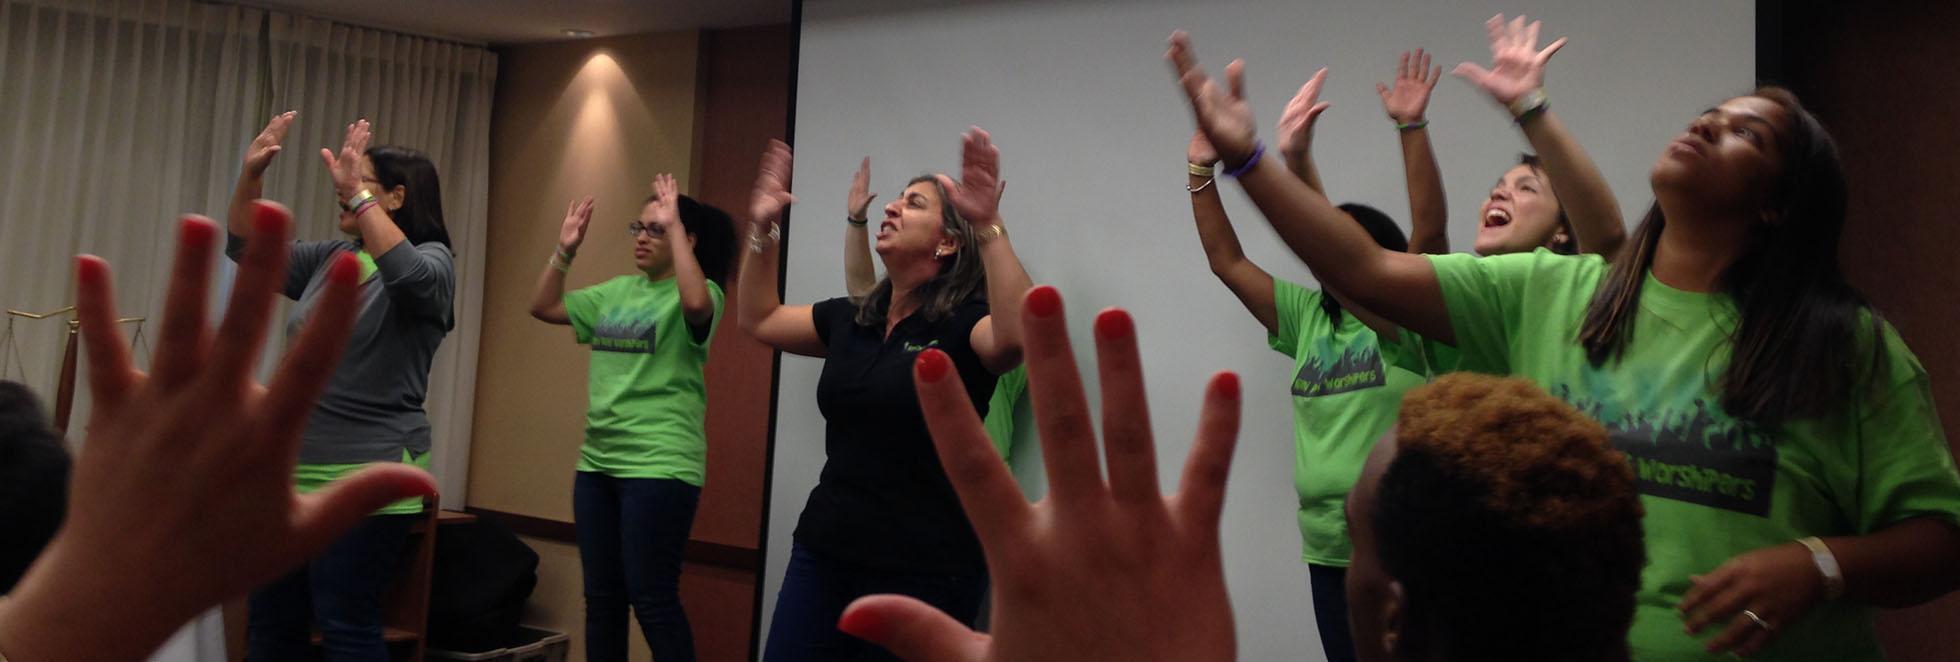 WORSHIPING SIGN LANGUAGE